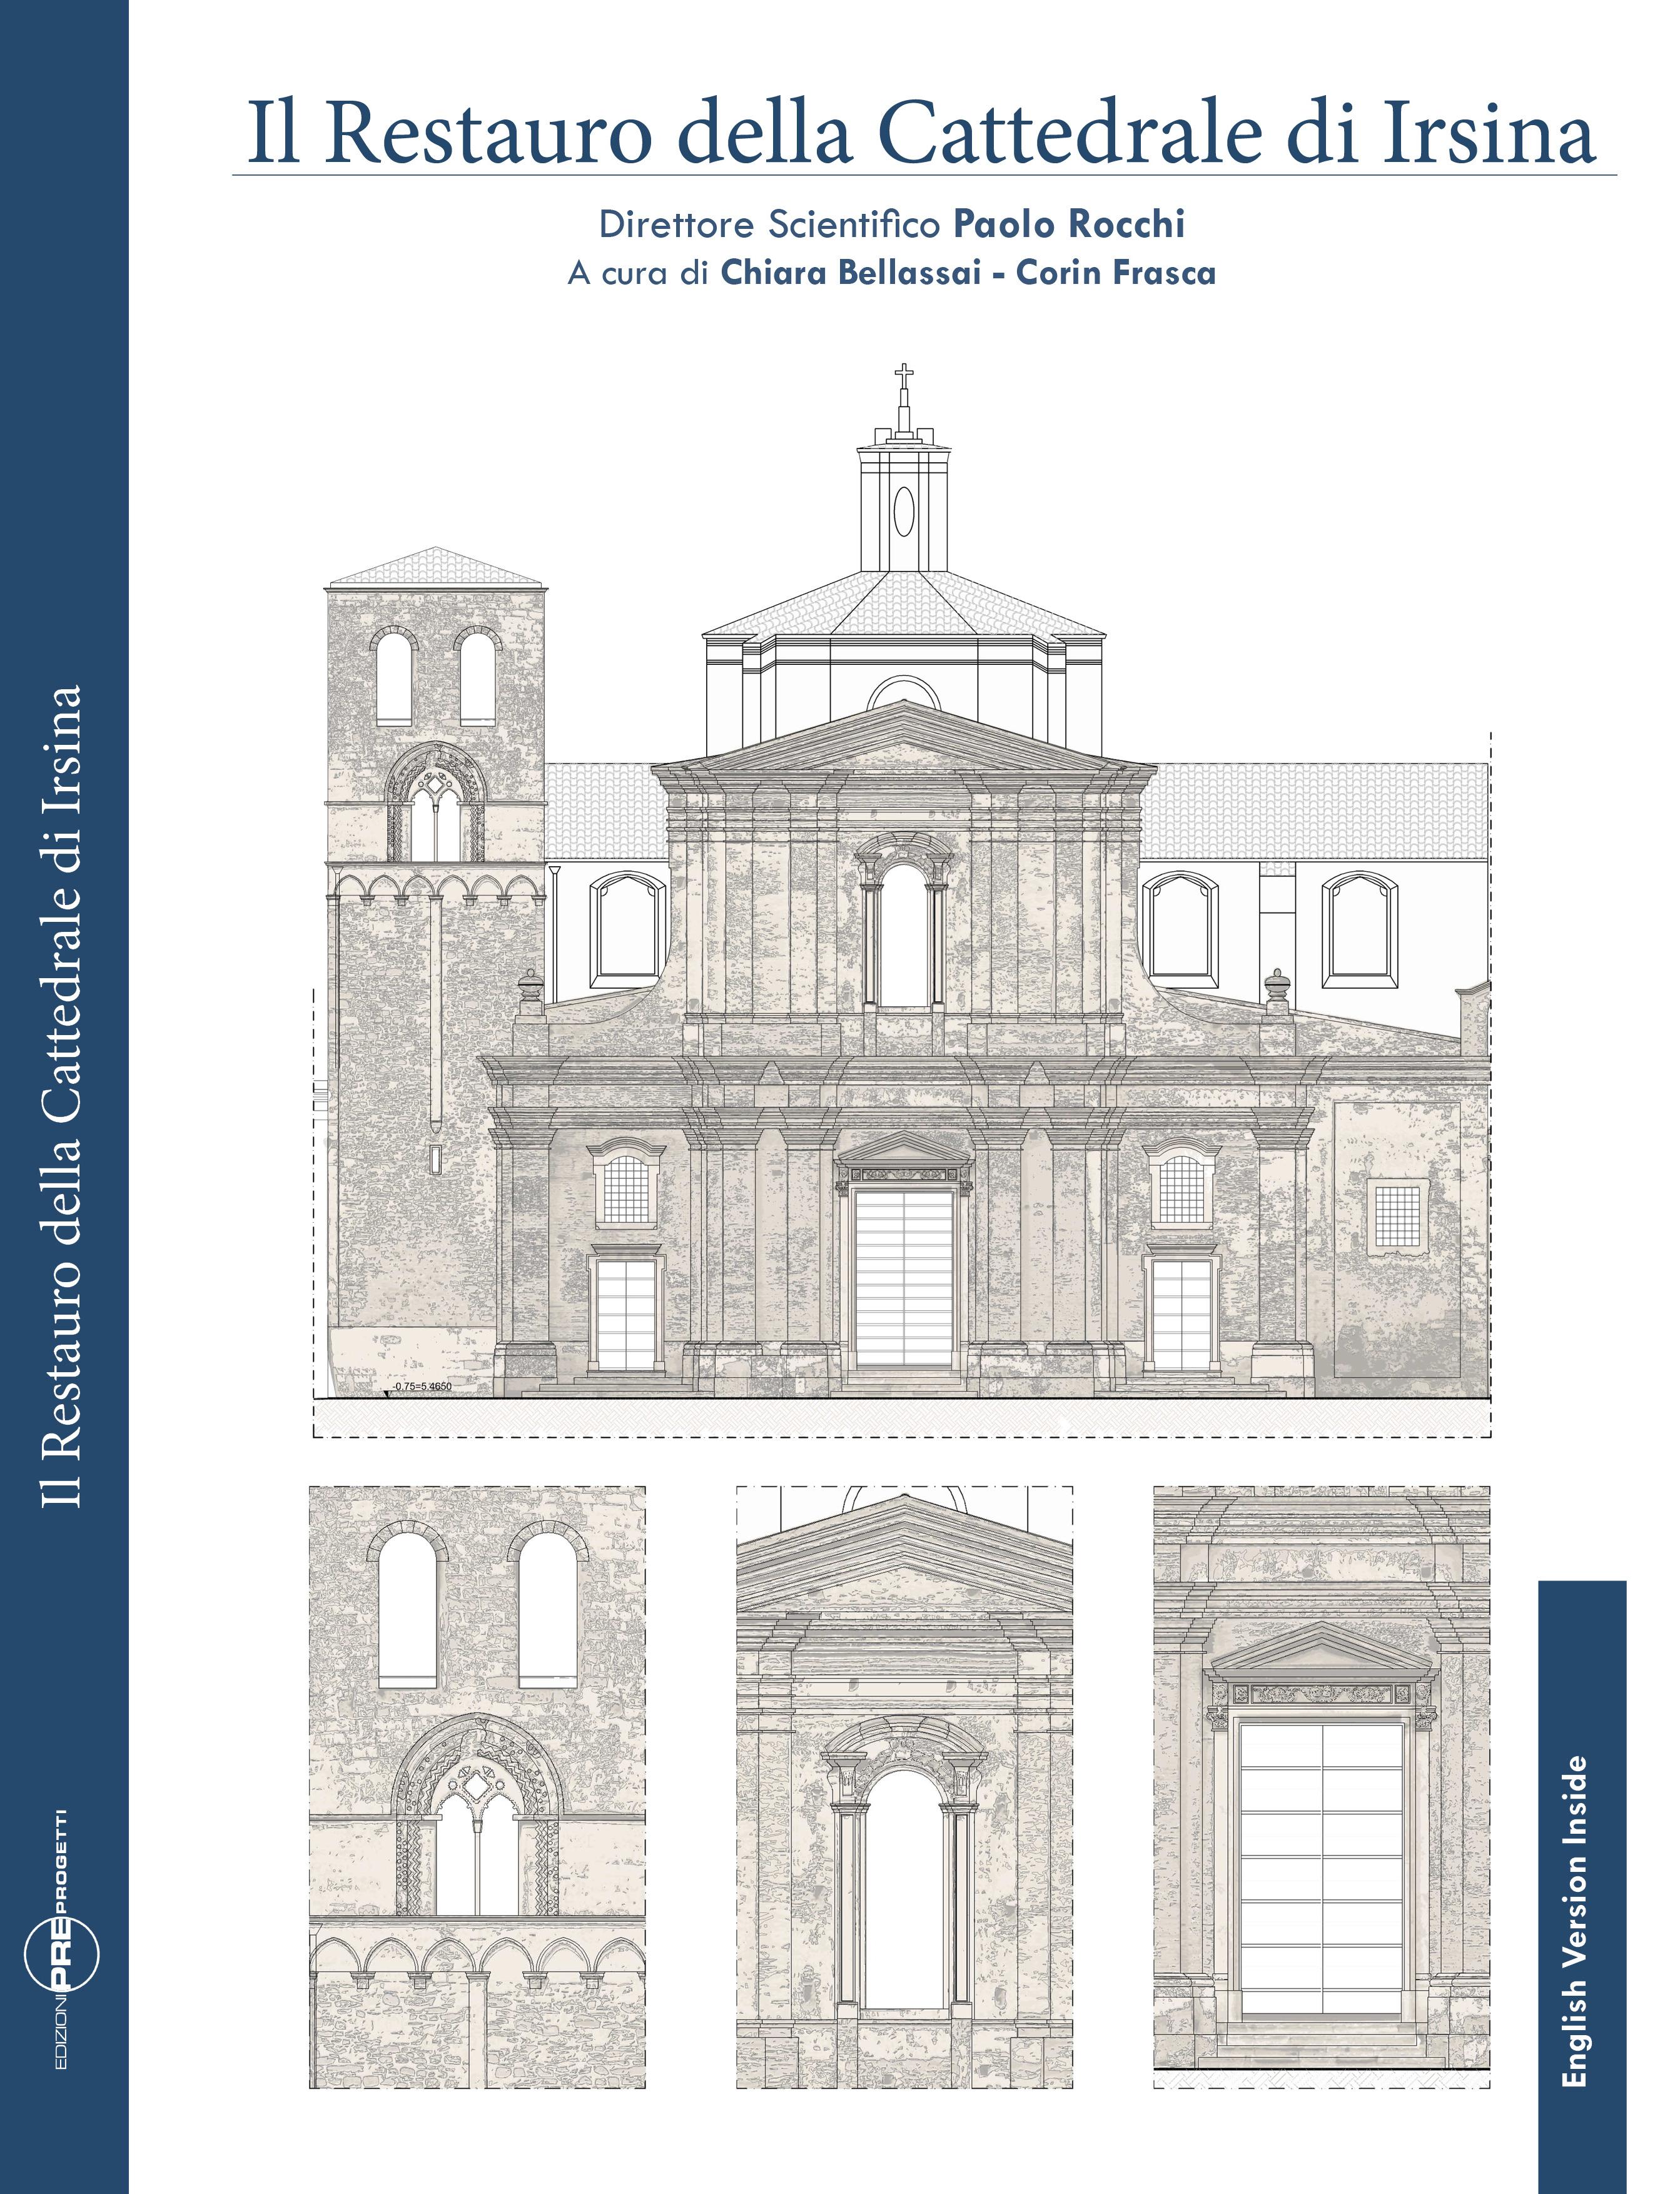 Il Restauro della Cattedrale di Irsina